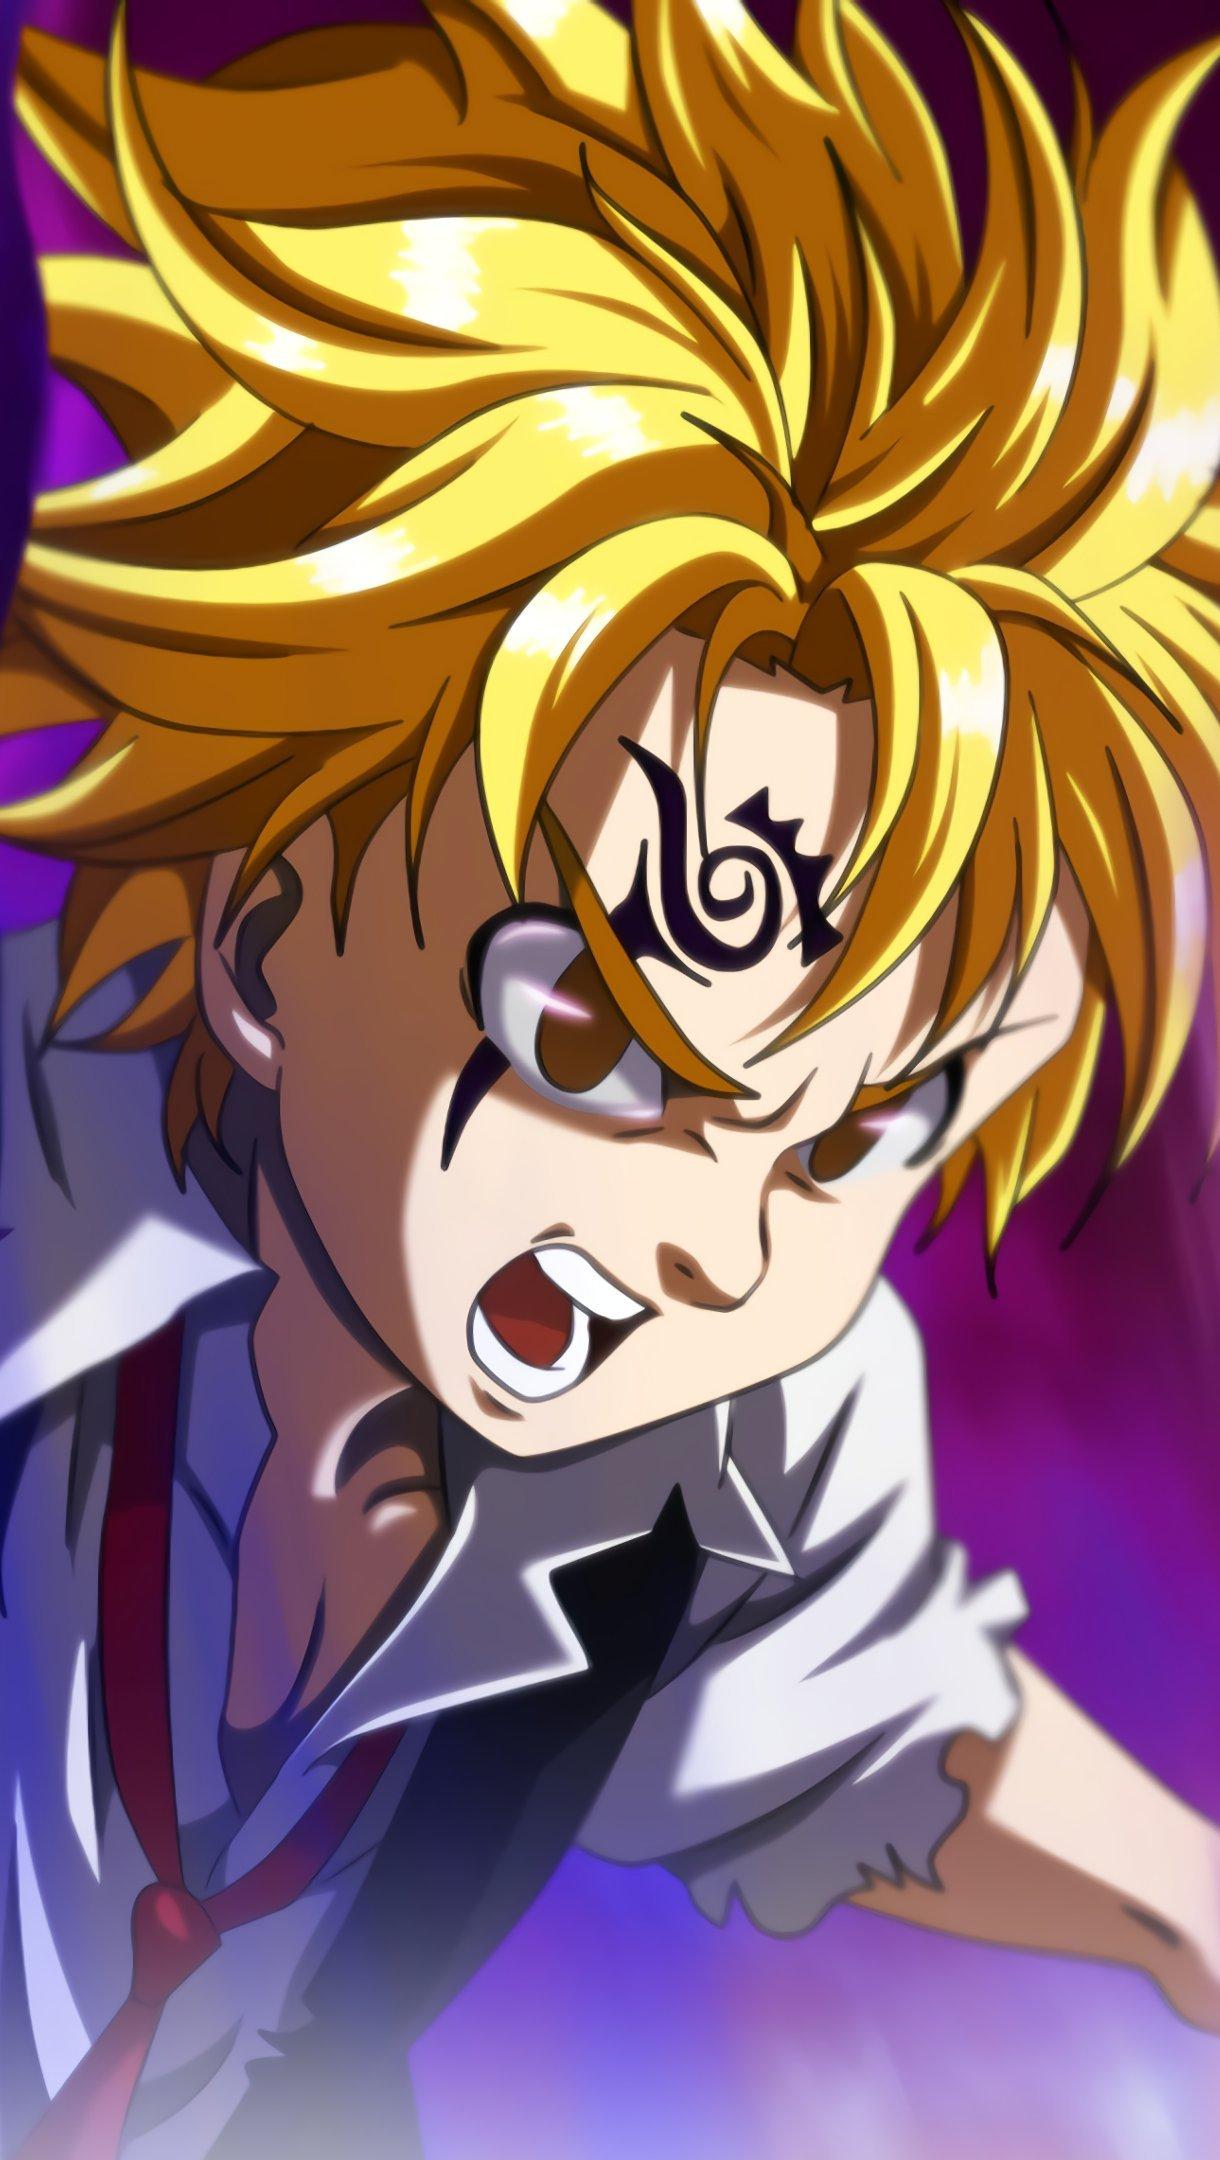 Fondos de pantalla Anime Meliodas de Los siete pecados capitales Vertical